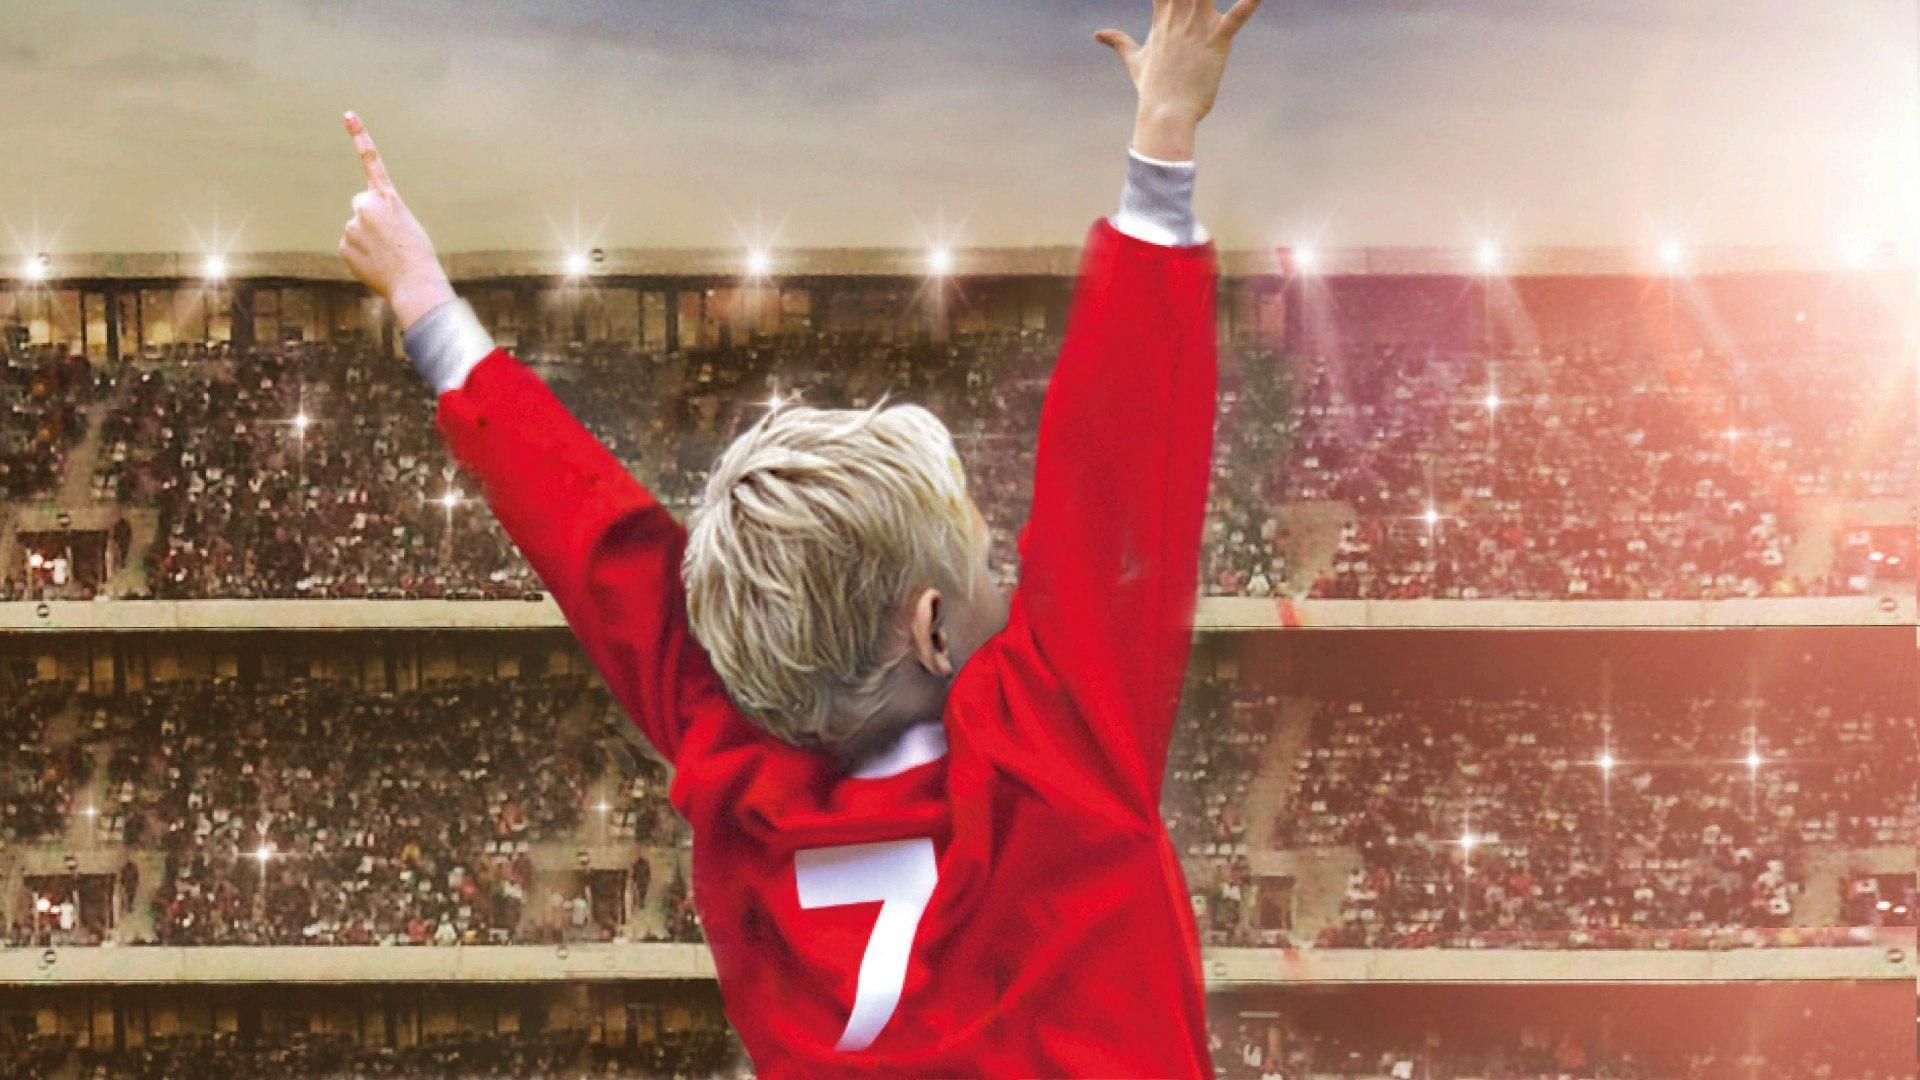 Venerdi 18 Dicembre 2020 Sky e Premium Cinema, Believe - Il sogno si avvera